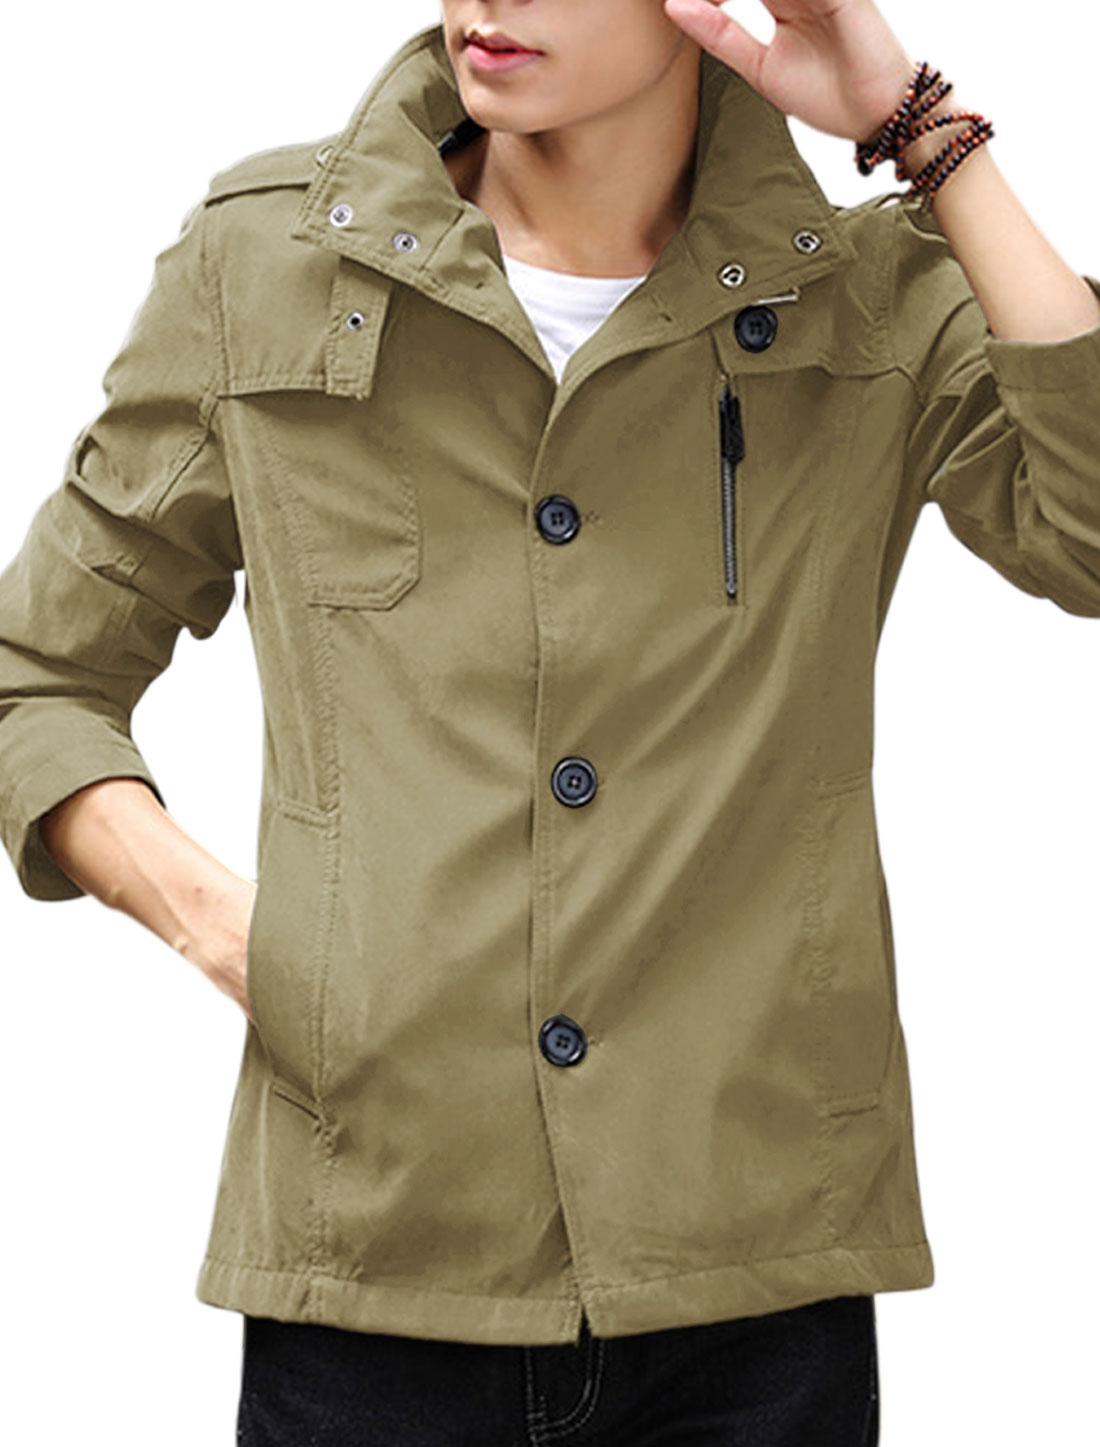 Man Gun-flap Design Button Closed Khaki Light Winsbreaker S